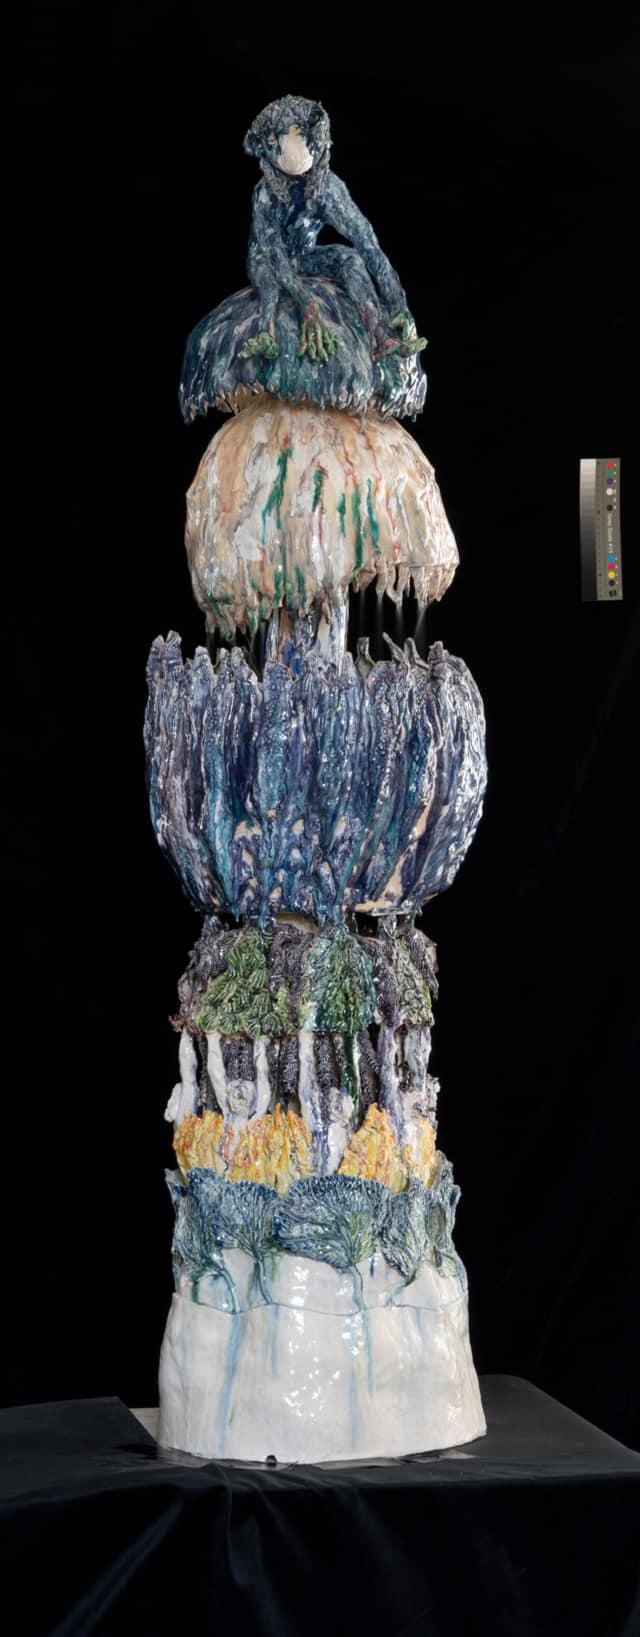 Fontaine Singe Bleu, 2021 Sculpture céramique H 160 x D 45 cm BC-2105 ©Bachelot&Caron